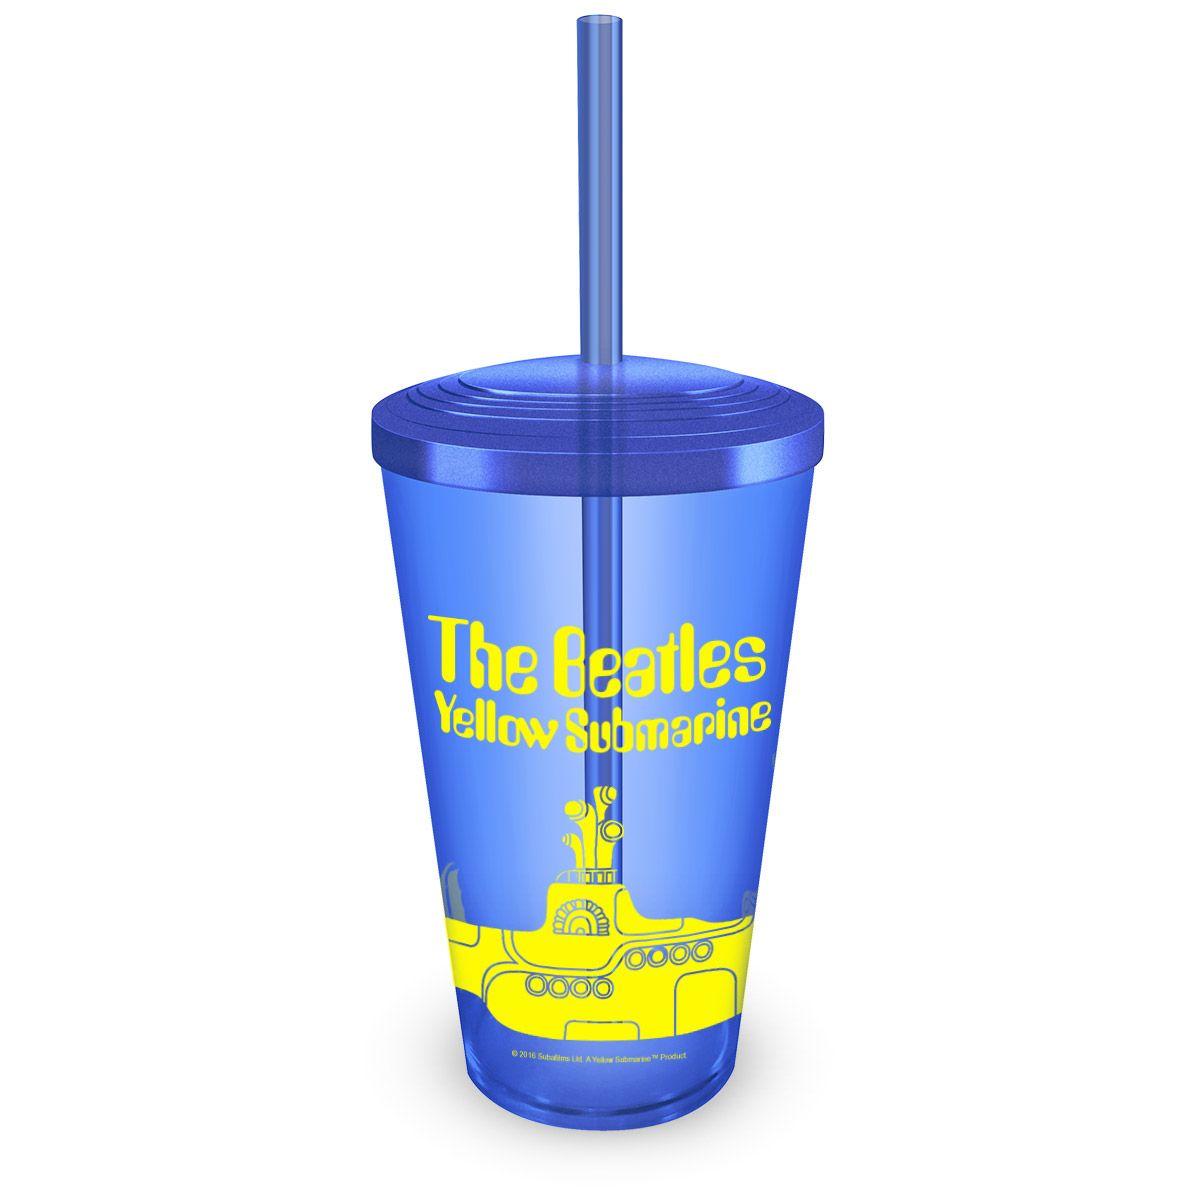 Copo Acrílico Azul The Beatles Yellow Submarine